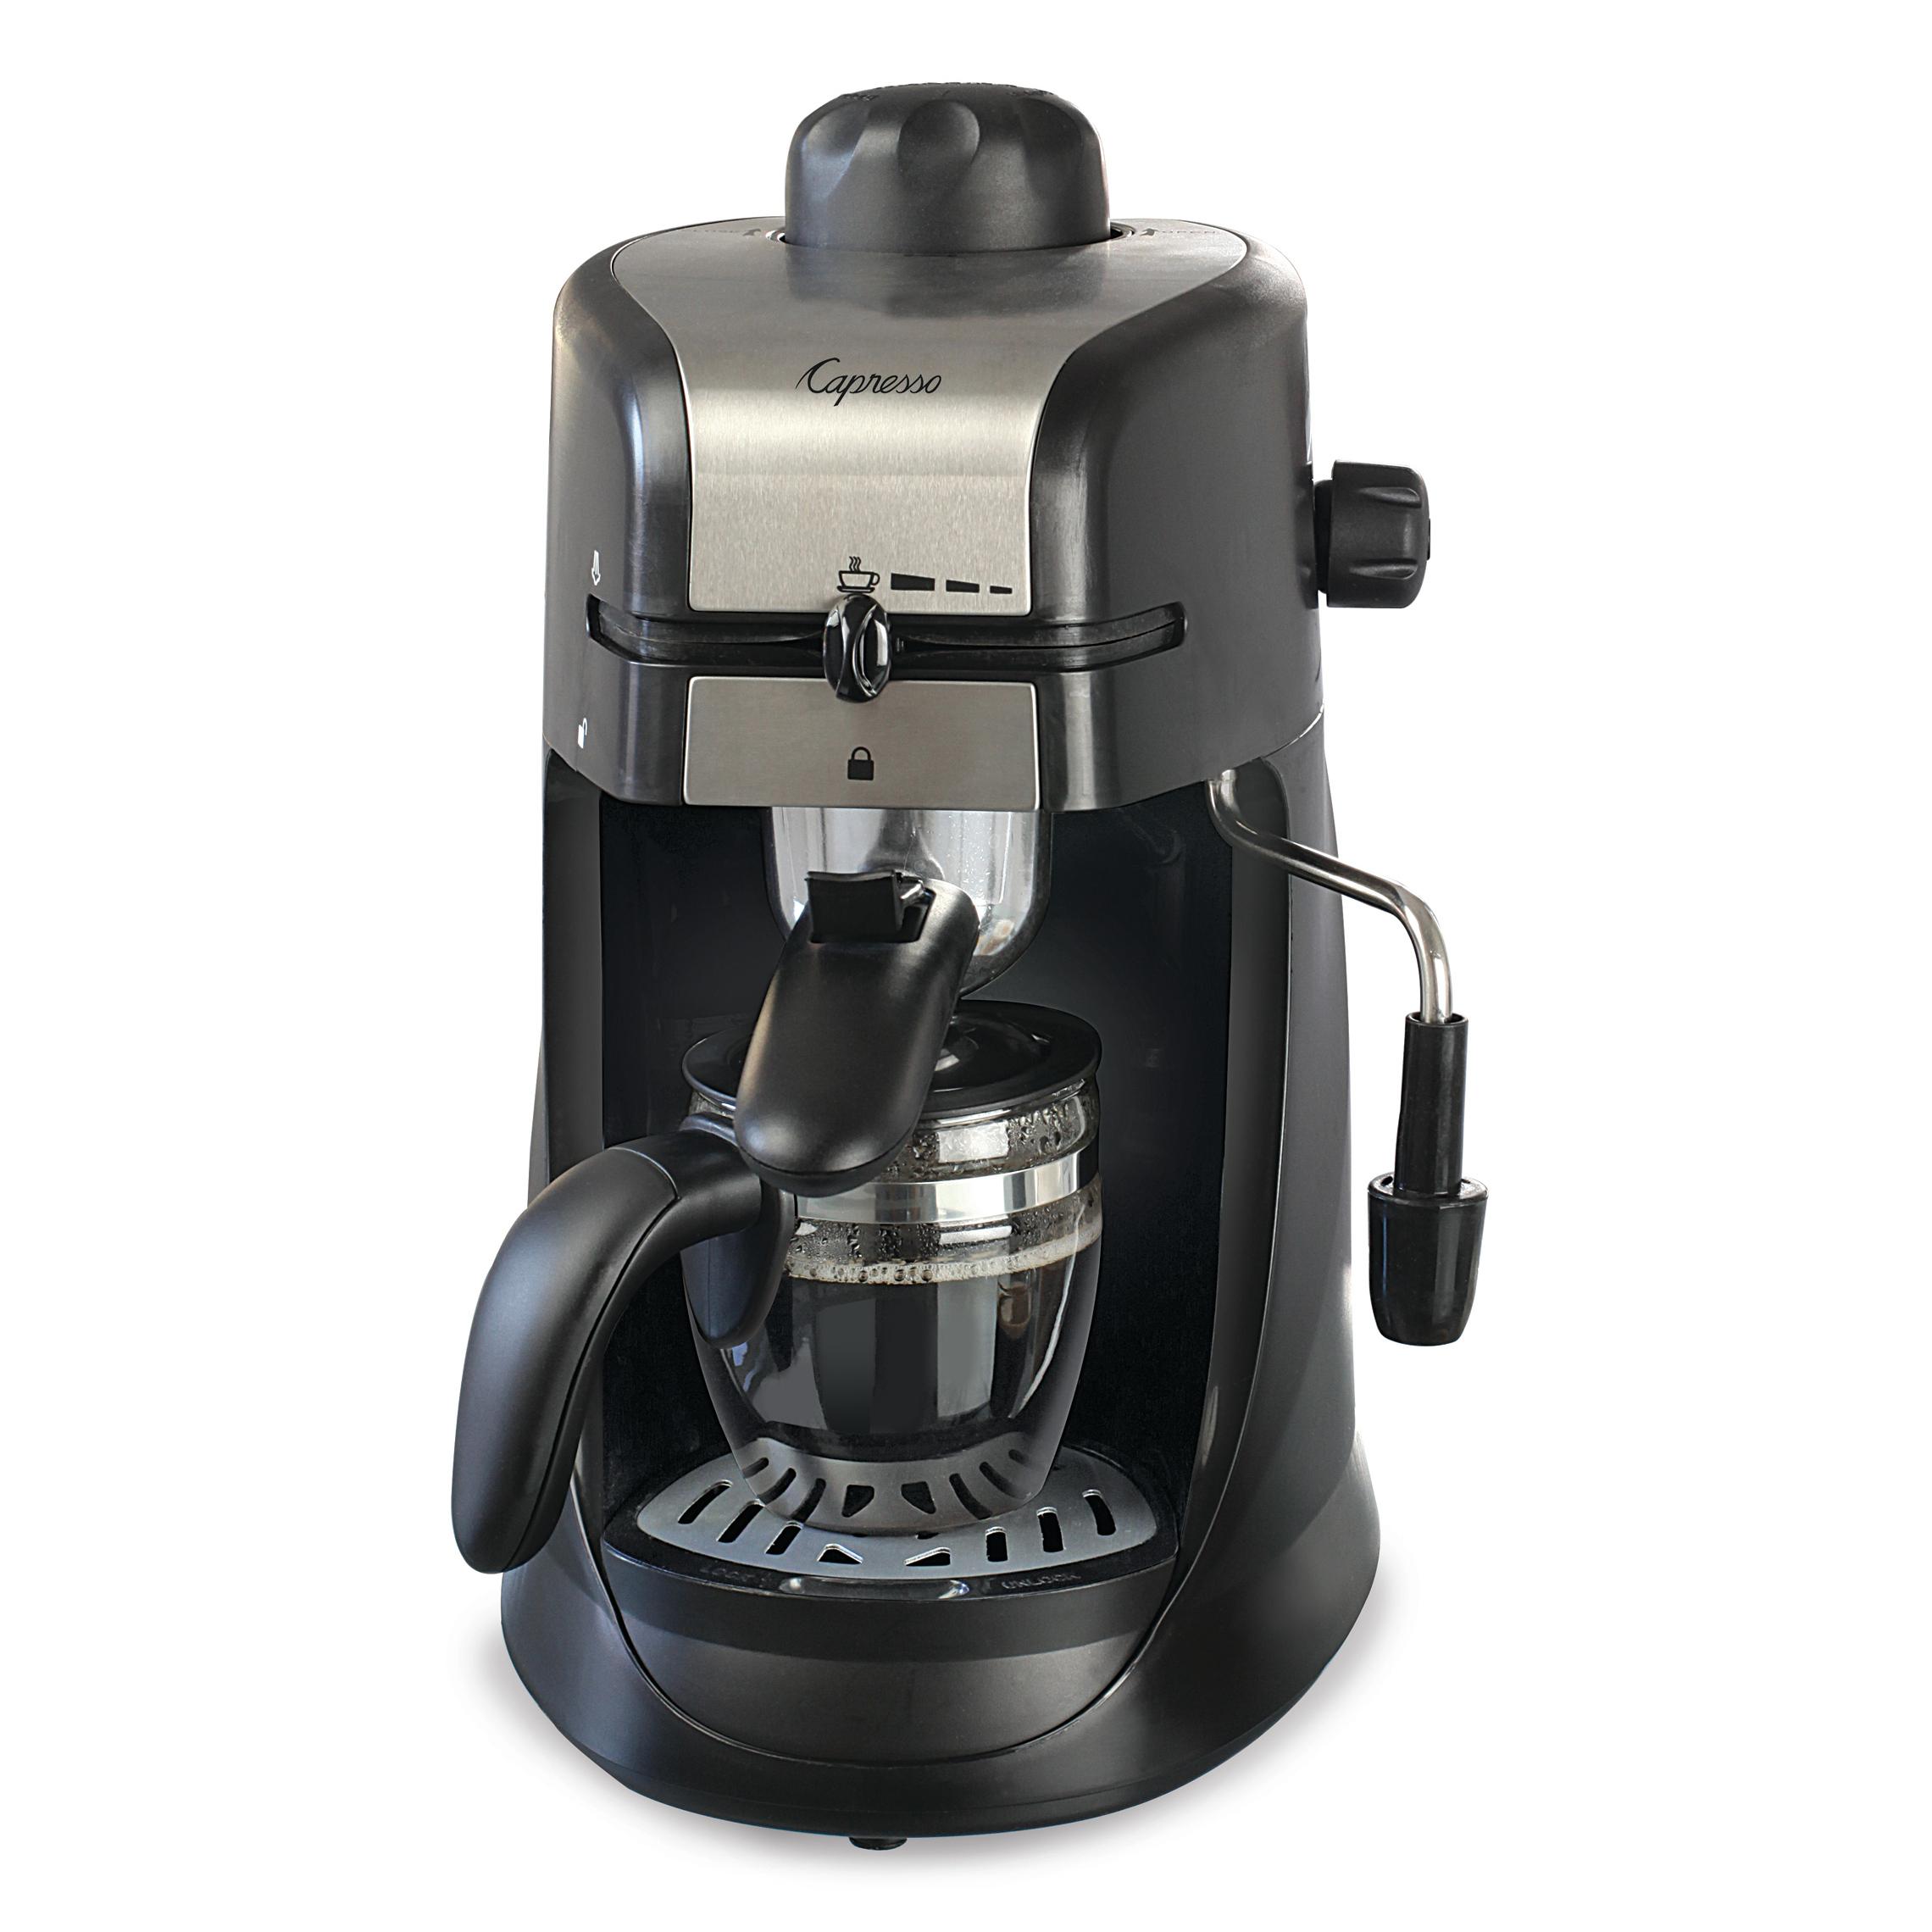 Capresso 304.01 Steam Pro Black Espresso and Cappuccino Machine, 4 Cup